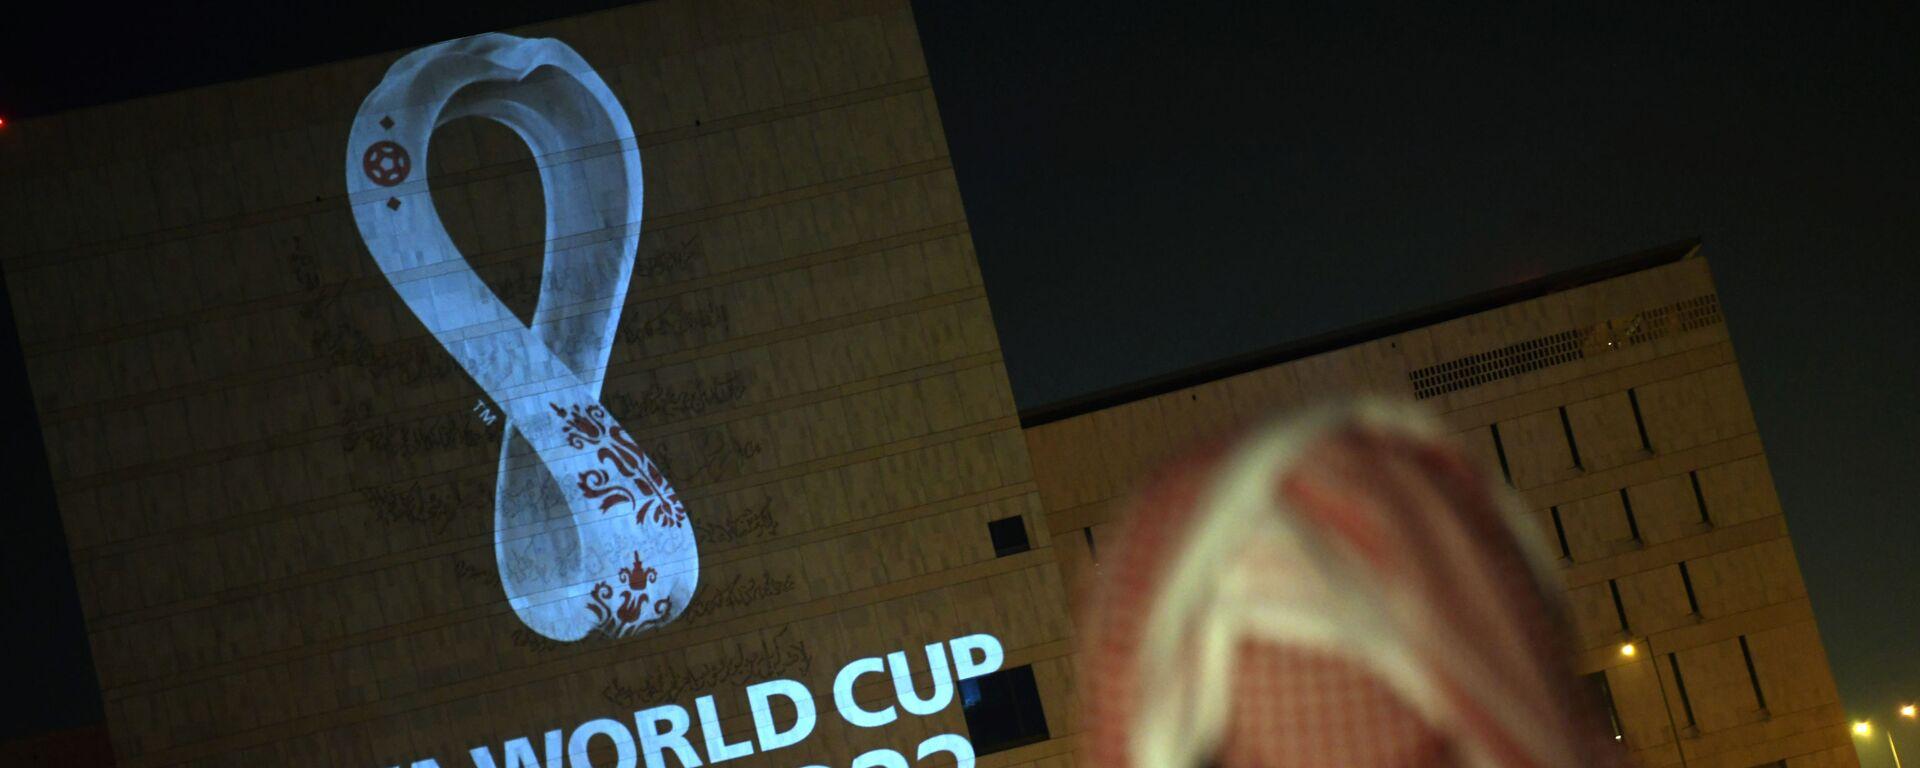 To logo του Παγκοσμίου Κυπέλλου 2022 στην Ντόχα του Κατάρ - Sputnik Ελλάδα, 1920, 20.09.2021